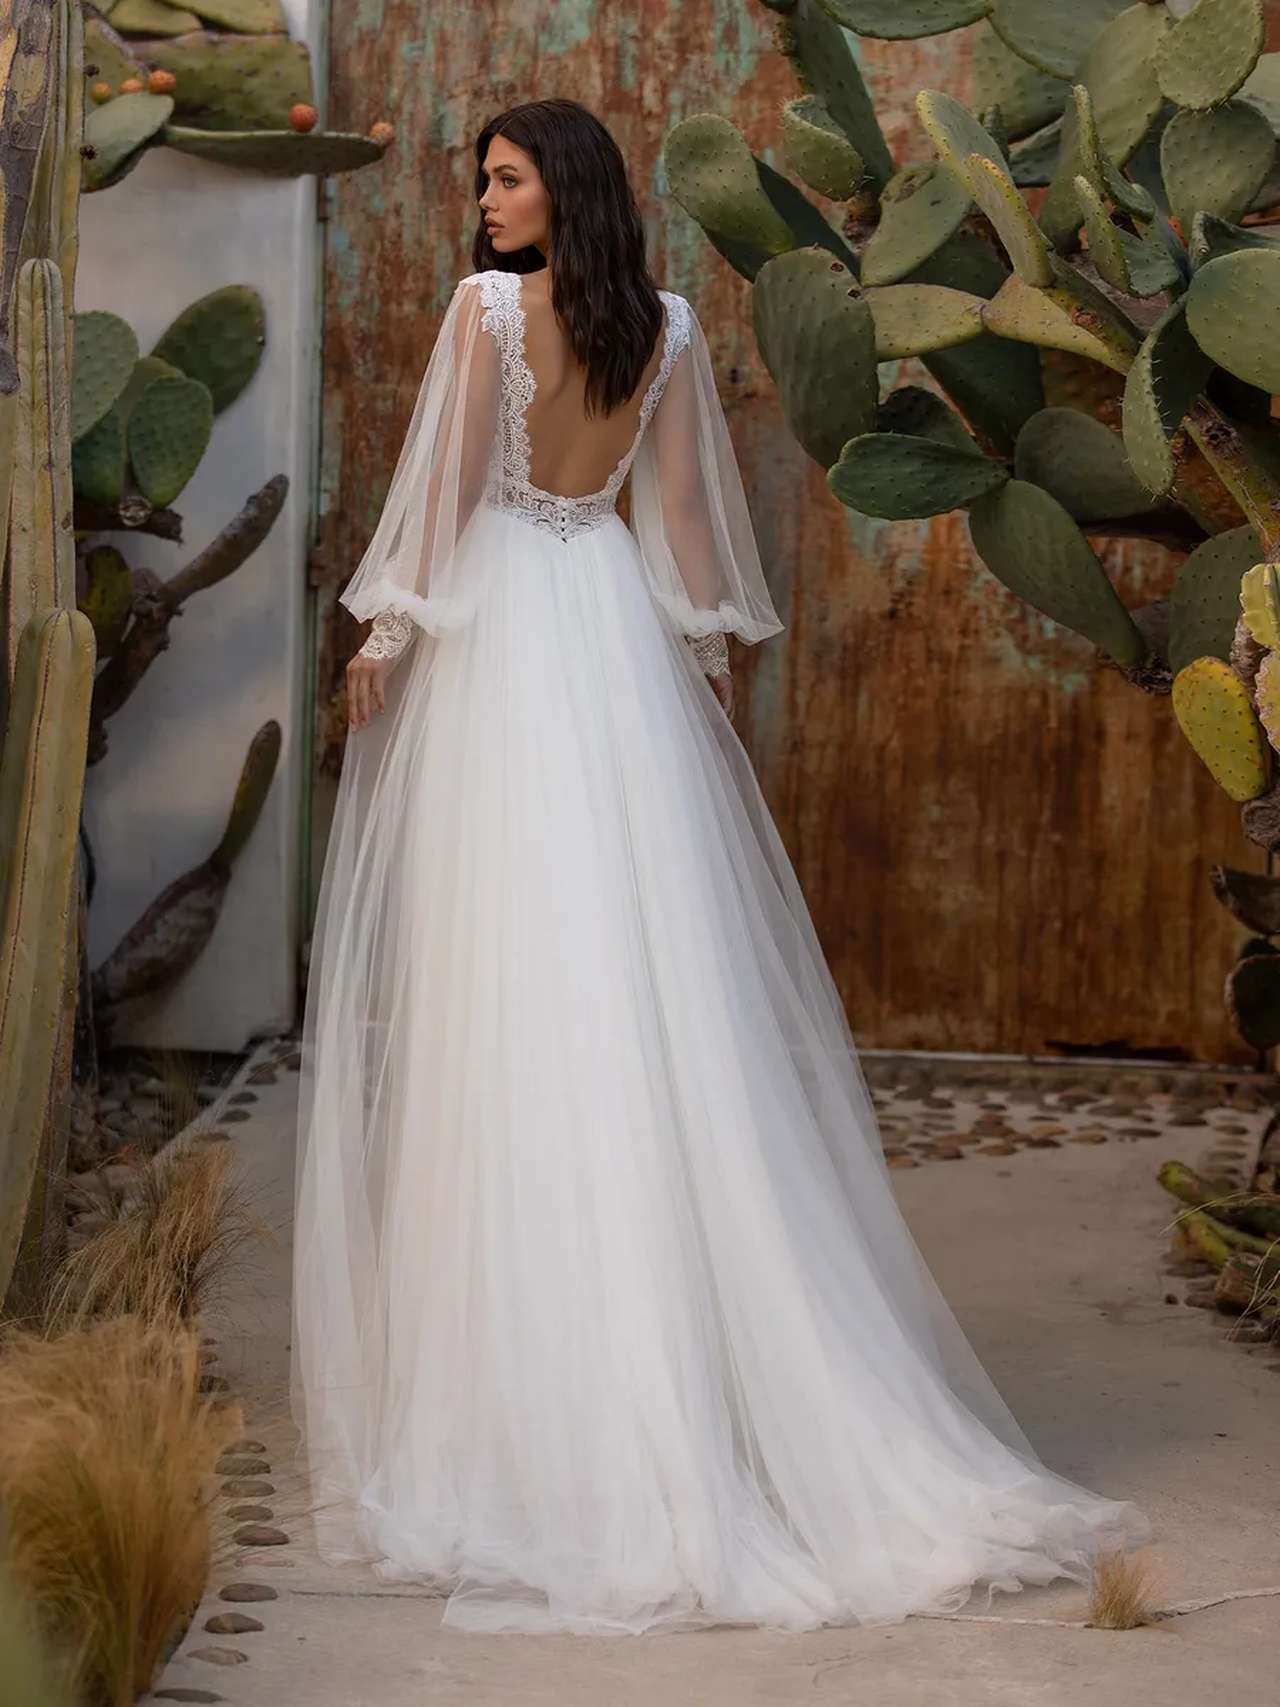 Woodward esküvői ruha - Pronovias 2021